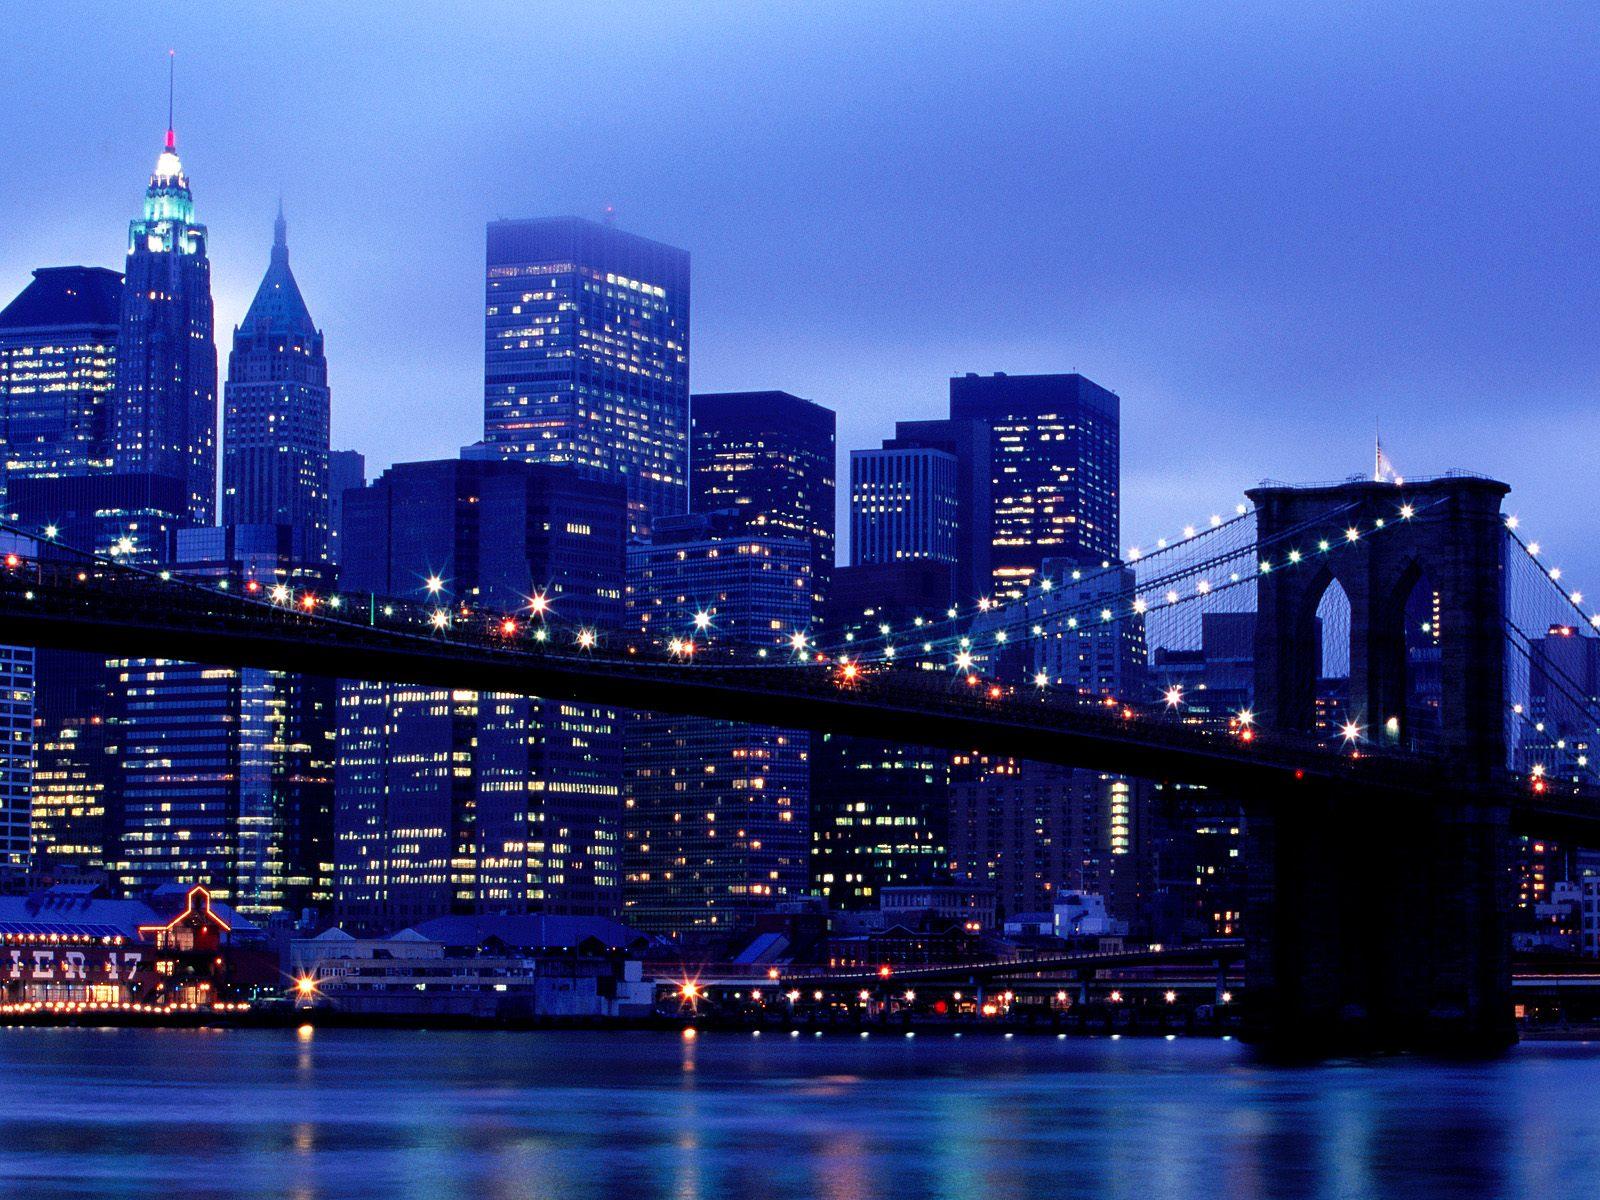 http://4.bp.blogspot.com/-bC_hMfSl_-Y/USTPdF3uxtI/AAAAAAAAB28/9sauc_a-P9U/s1600/Manhattan_Skyline_From_Brooklyn_New_York%255B2%255D.jpg